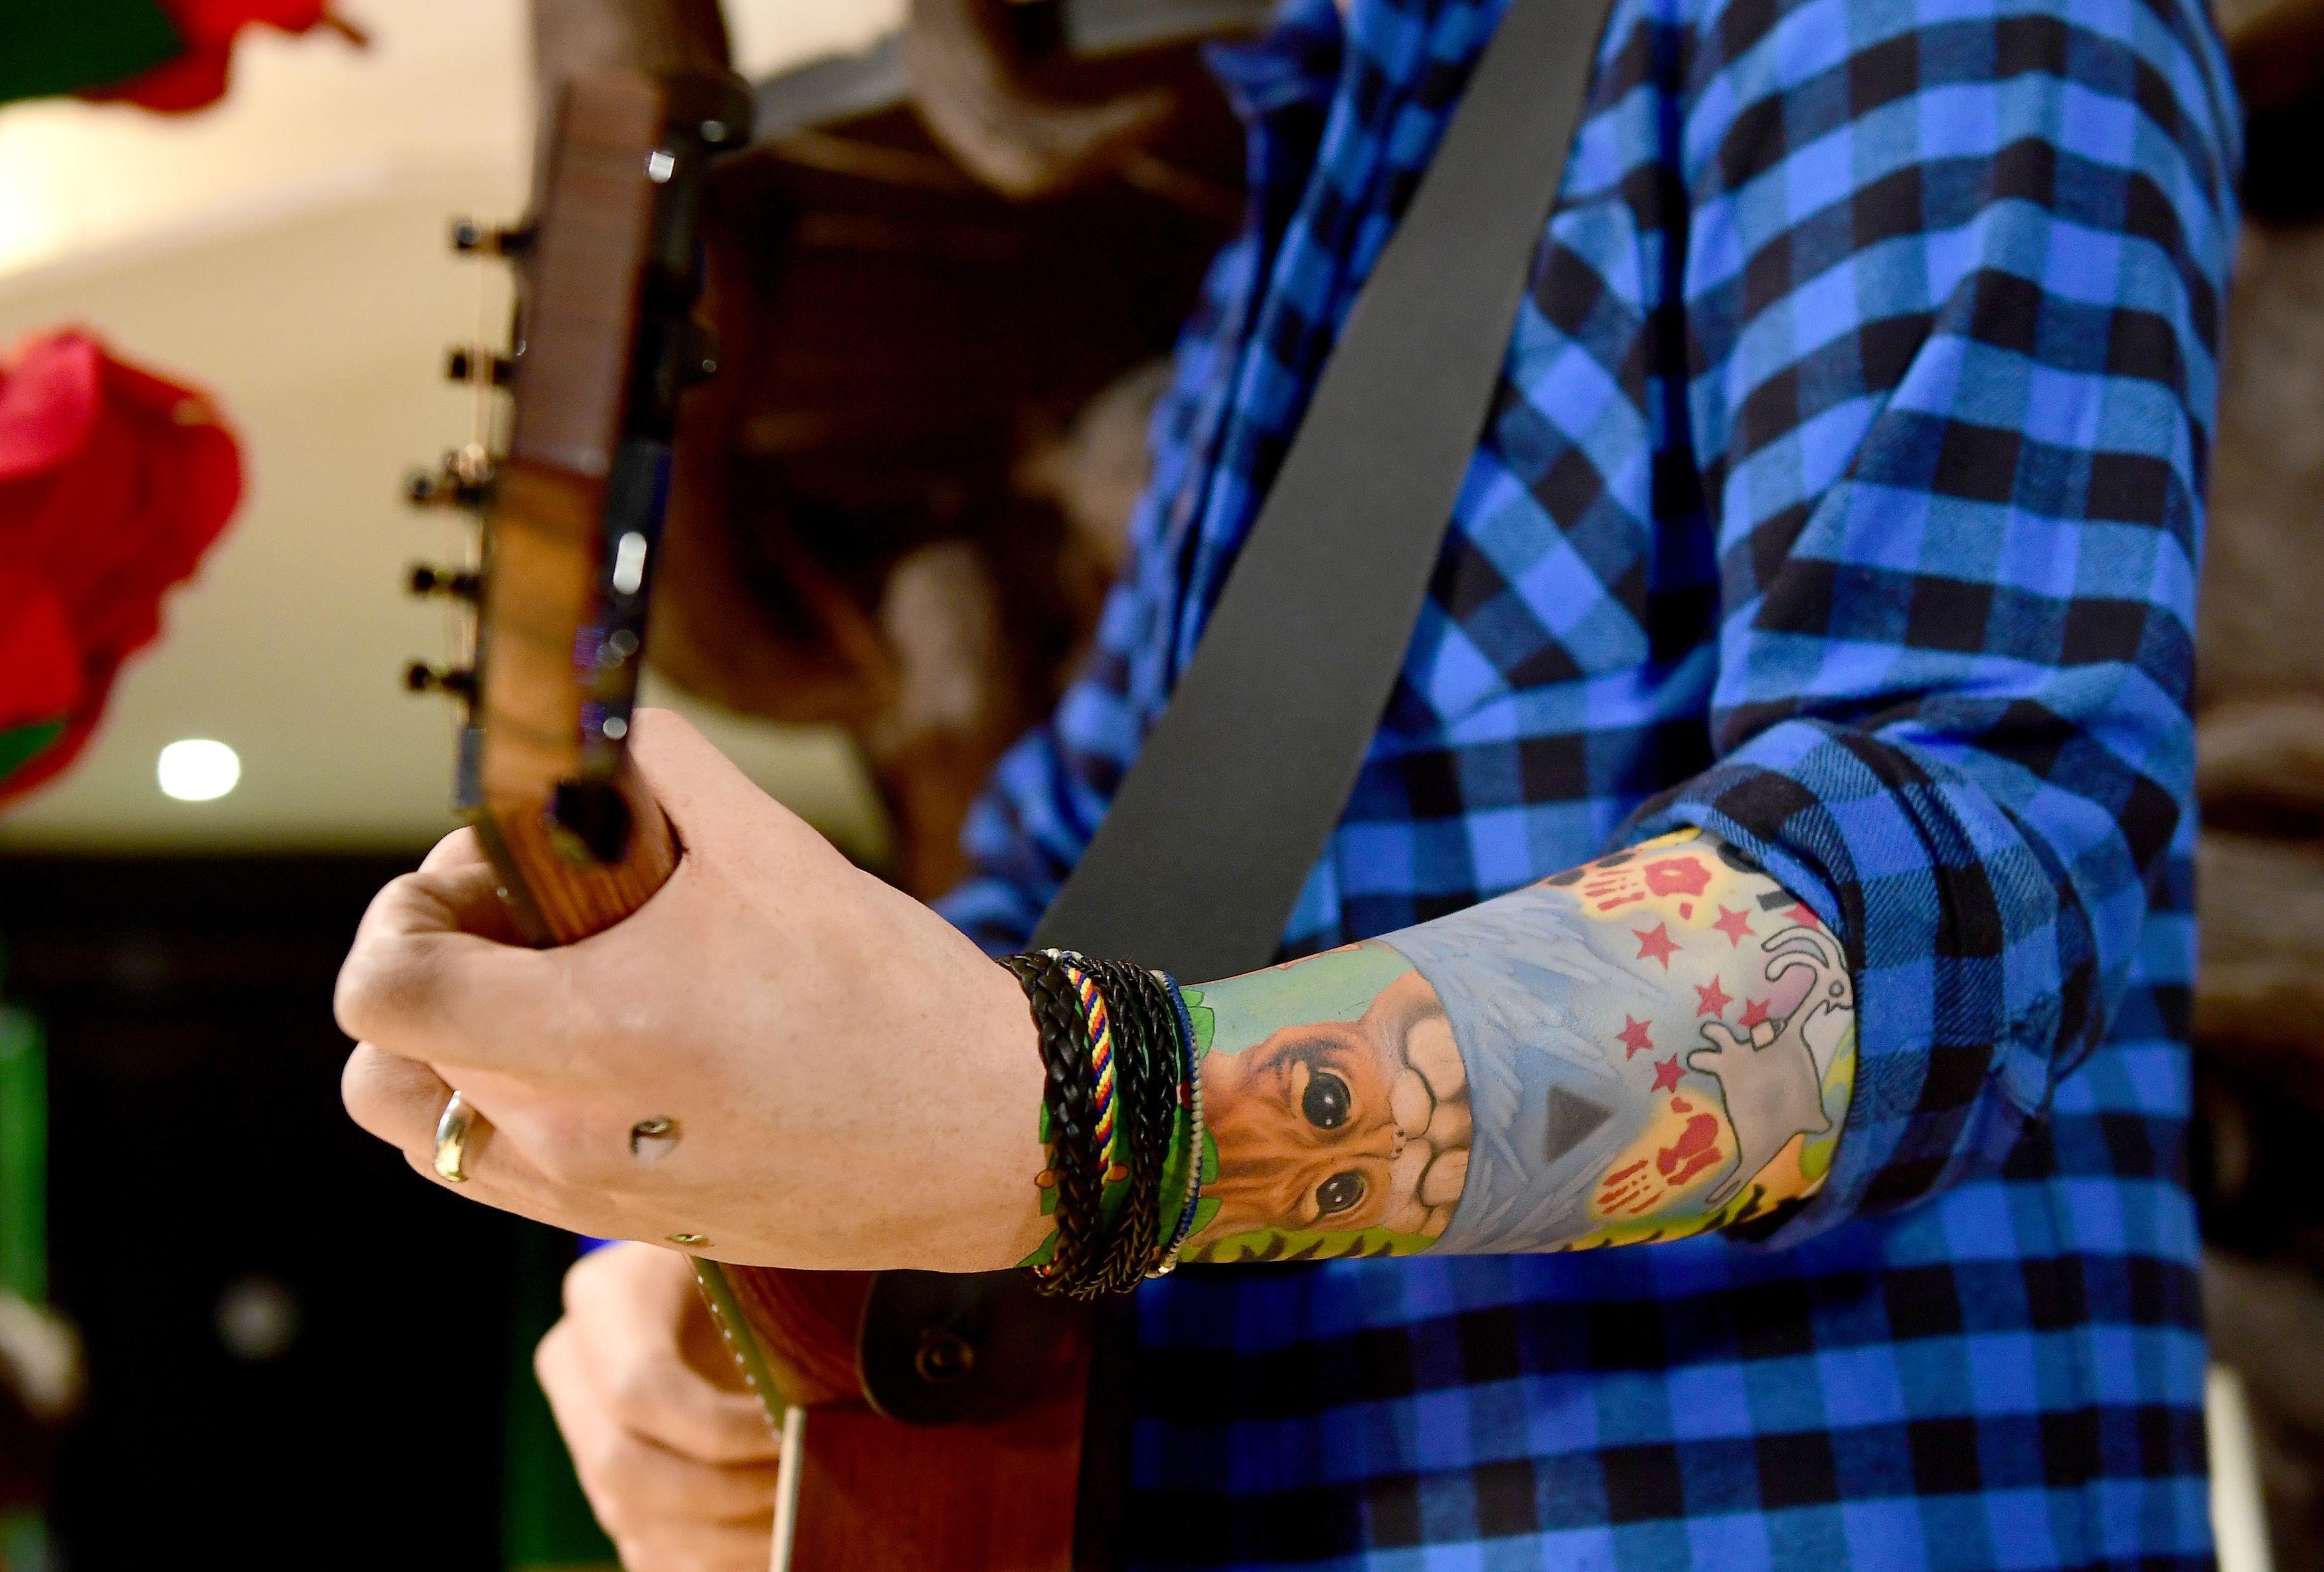 Ed Sheeran Madame Tussauds waxwork at Dinah's Cat